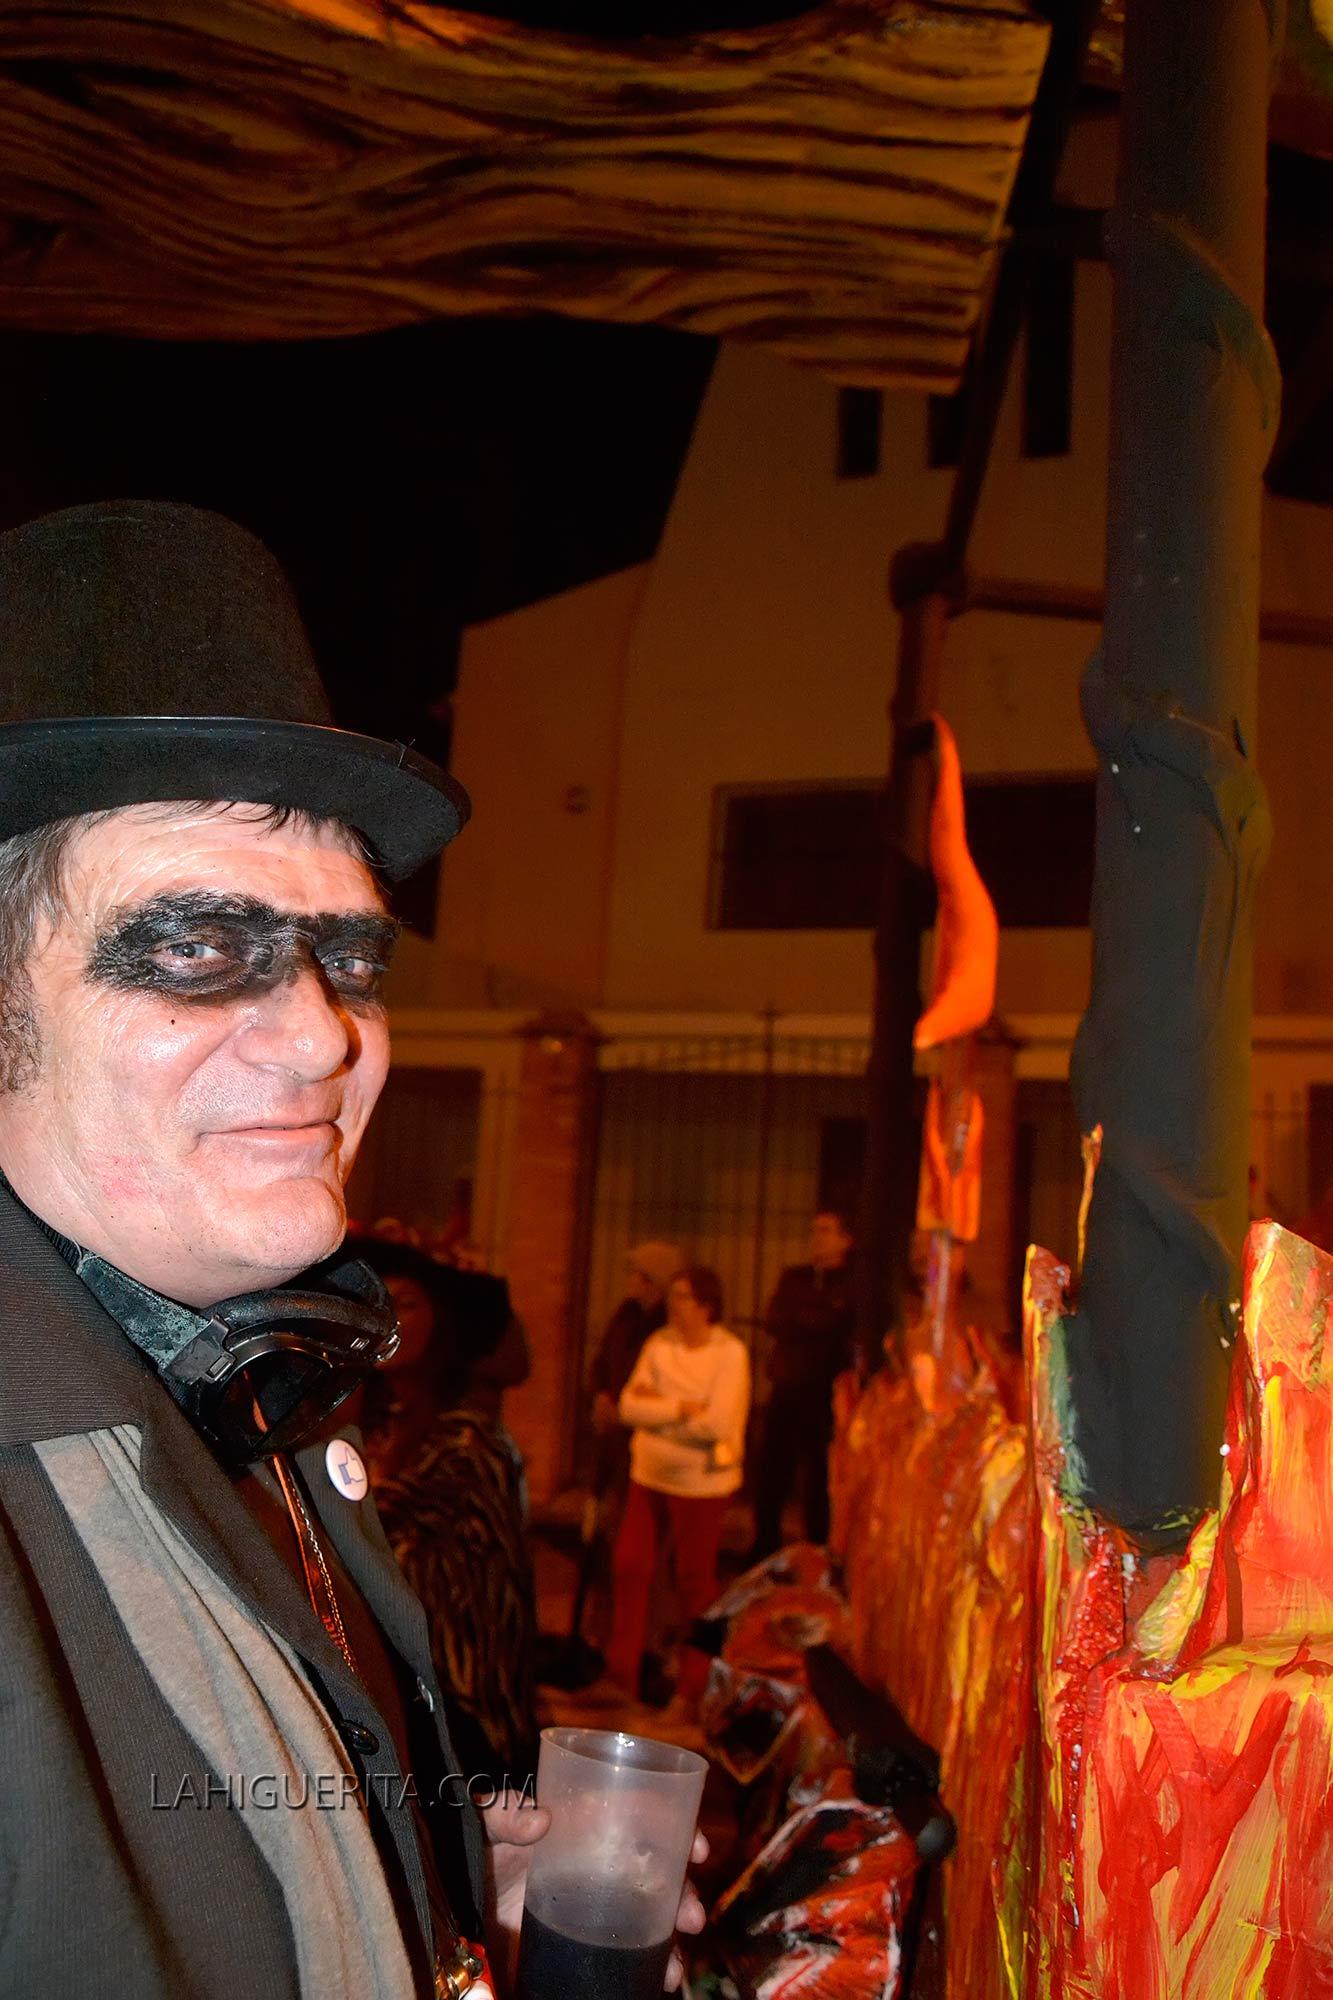 Entierro de la sardina carnaval isla cristina _DSC2284